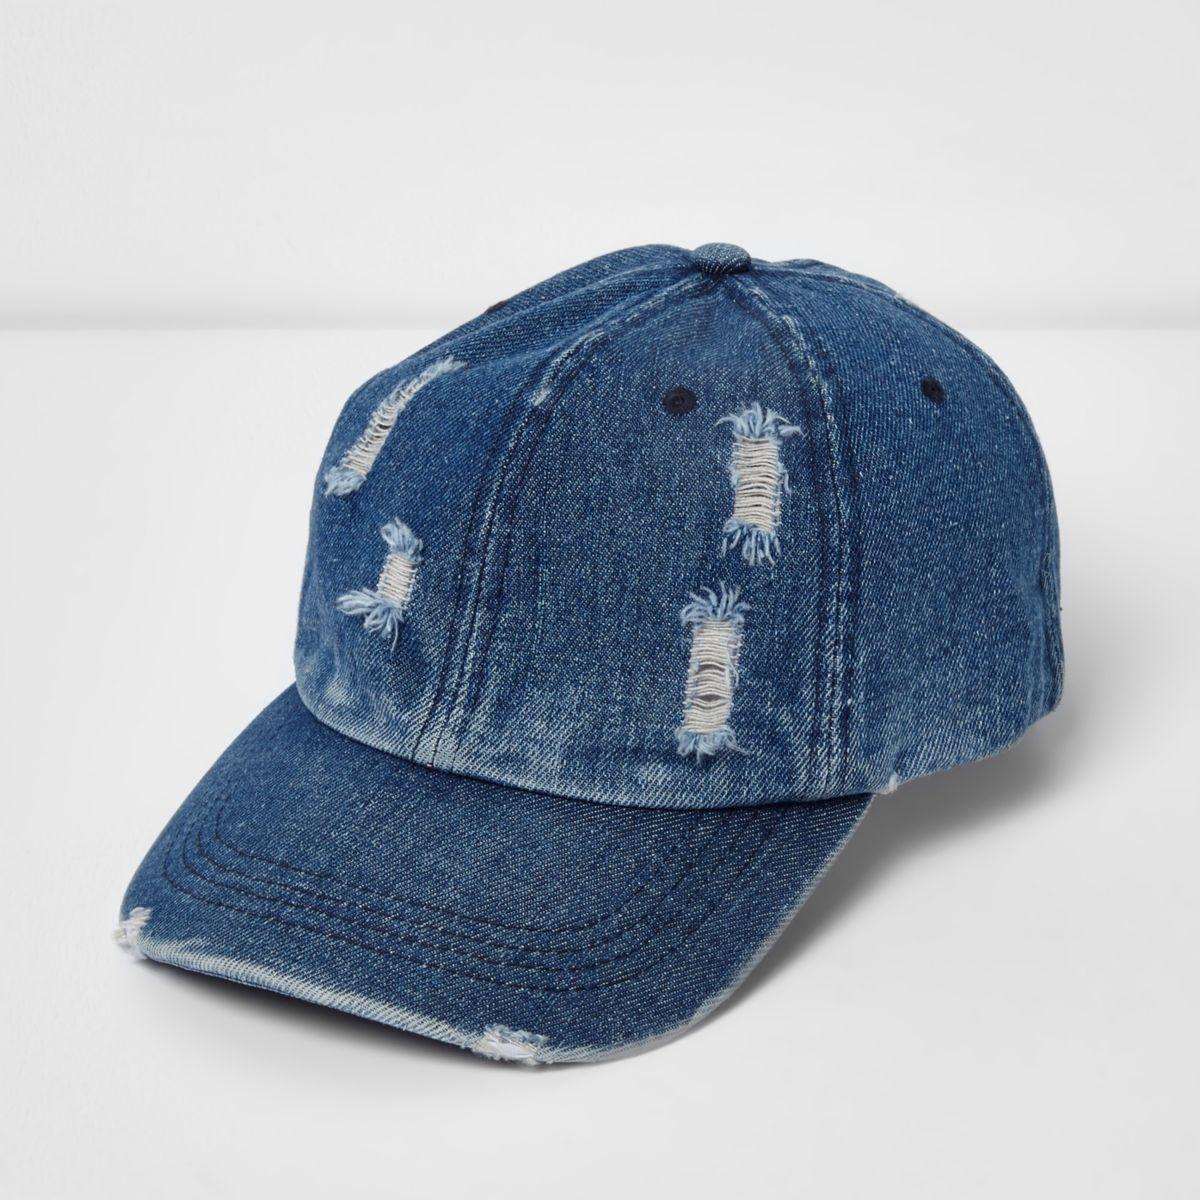 Casquette de baseball bleue en jean usé